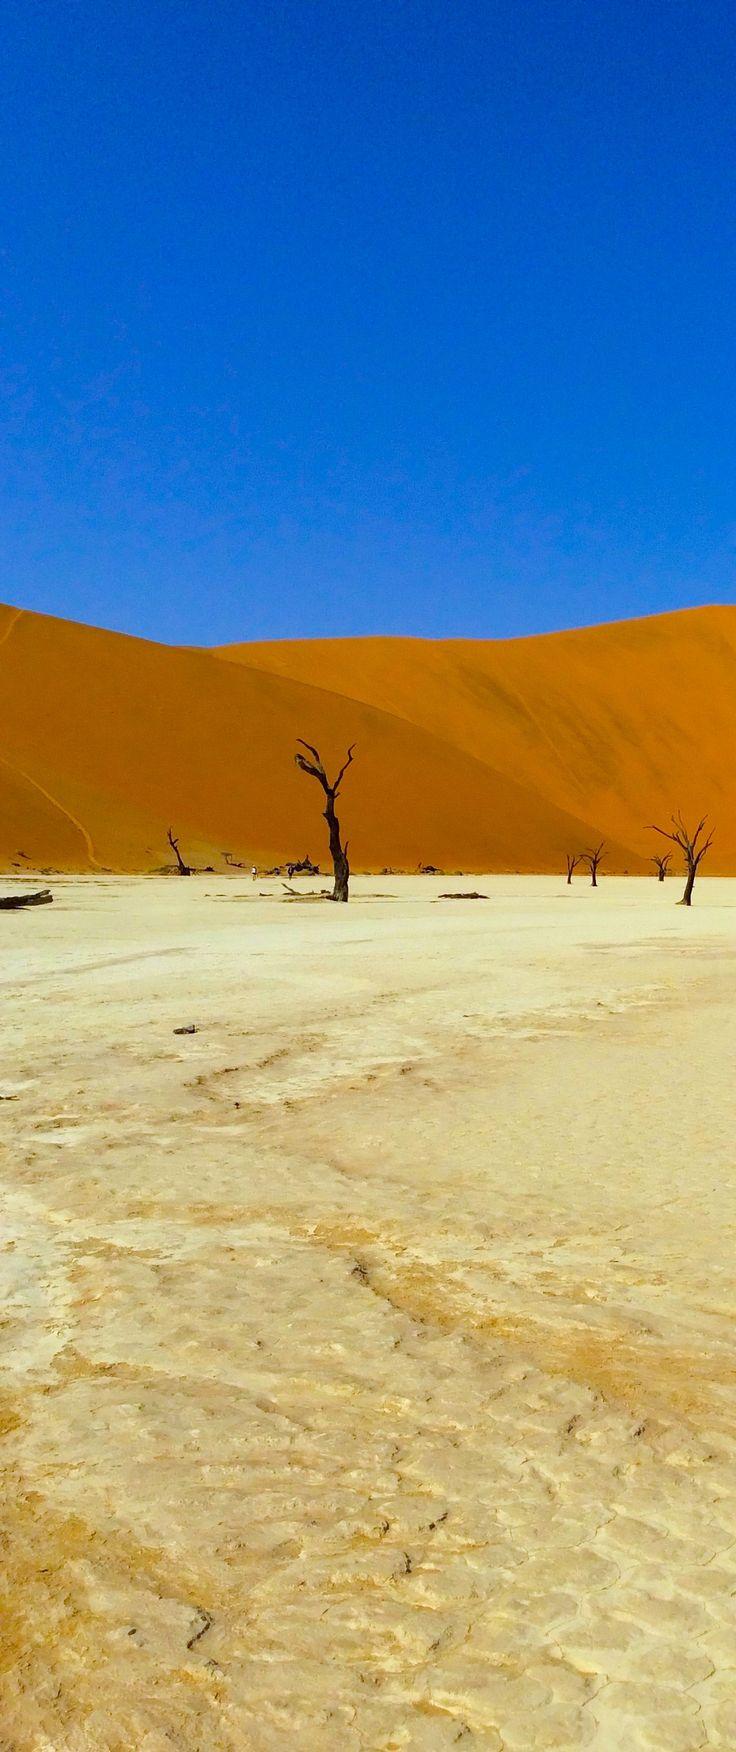 #Sossus #Vlei #Desert #Namibia #bucketlist